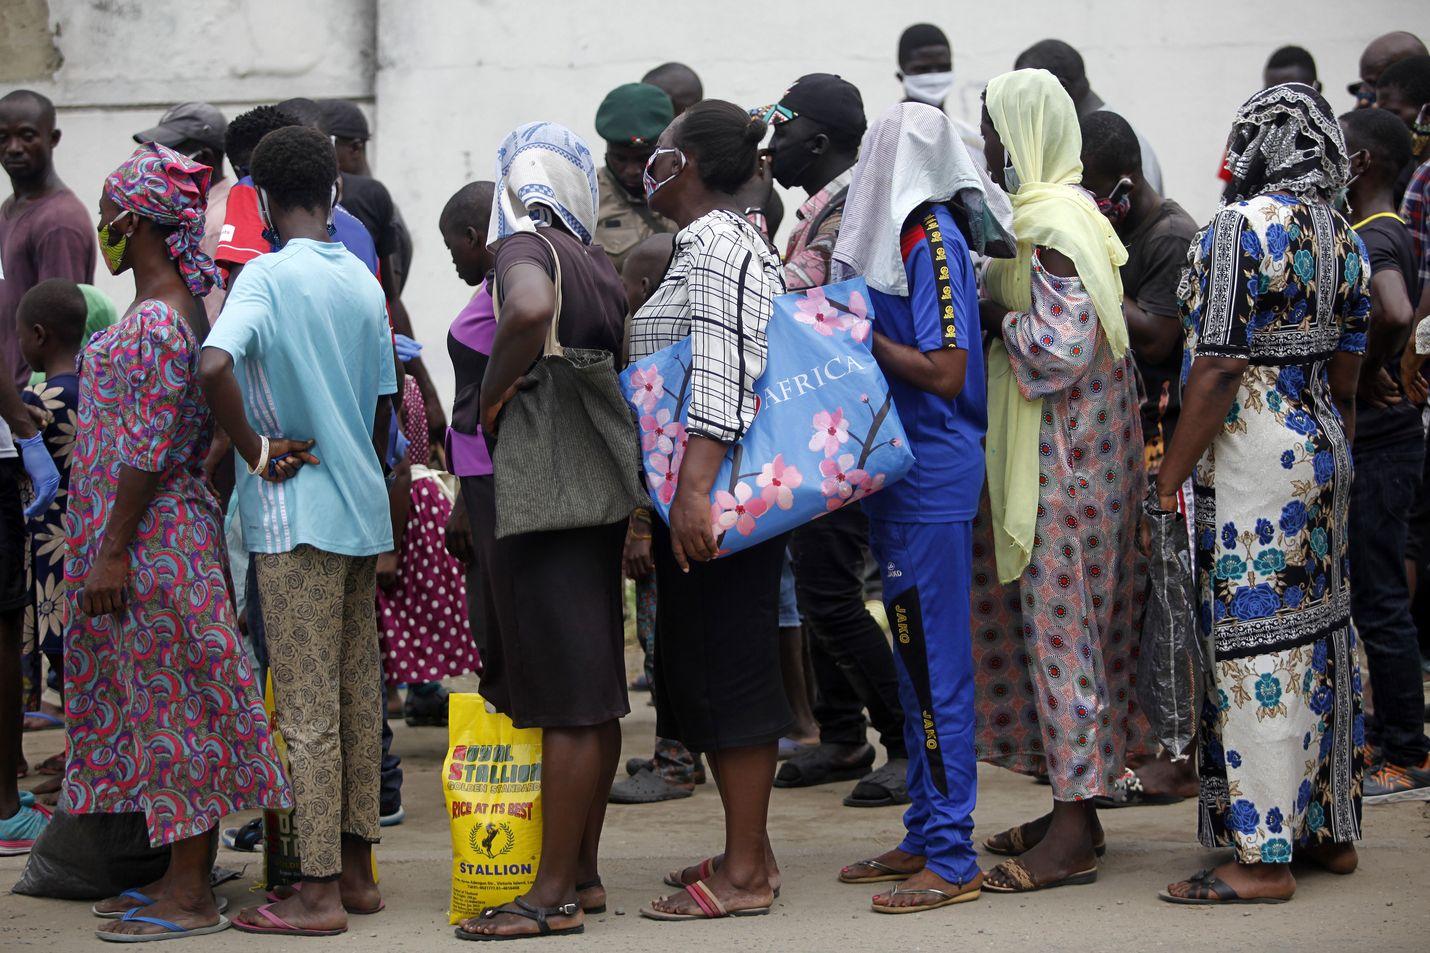 Nigerian pääkaupungissa Lagosissa ihmiset jonottivat ruoka-apua toukokuussa.